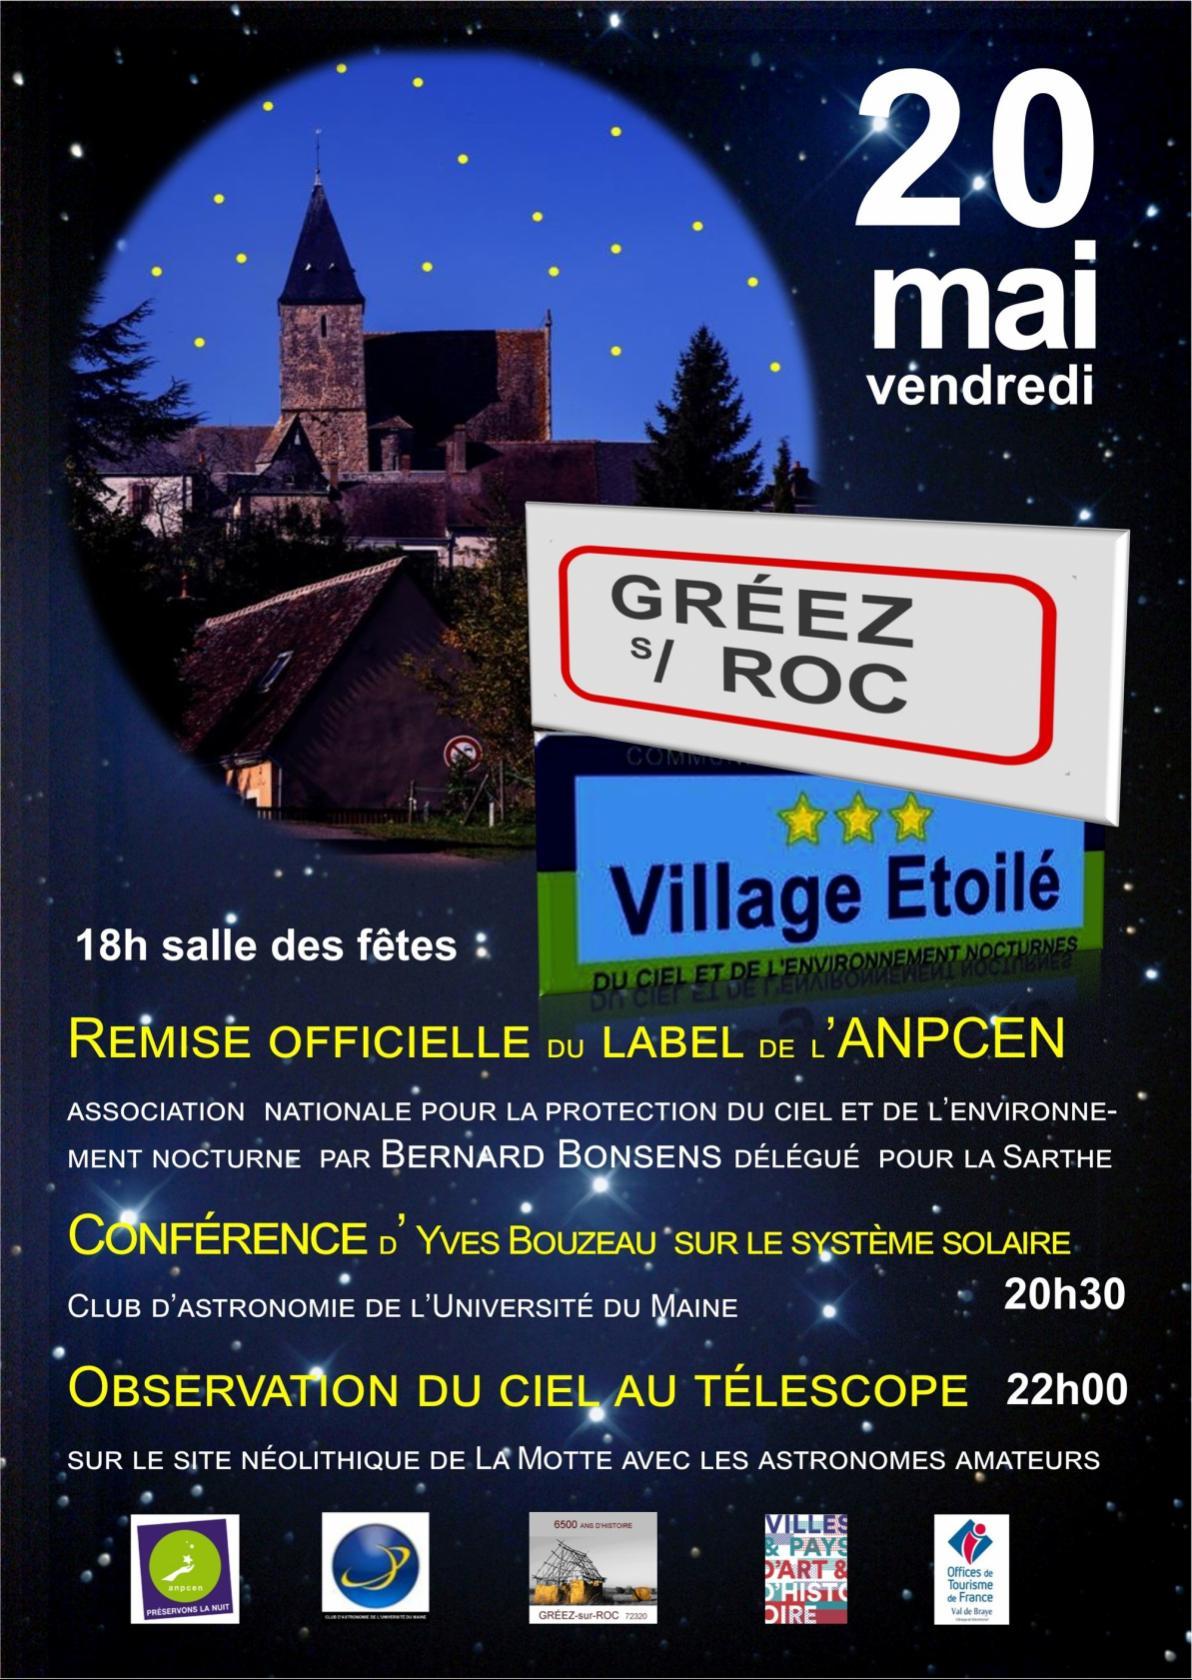 Gréez village étoilé : remise du label, conférence et observation Gréez-sur-Roc